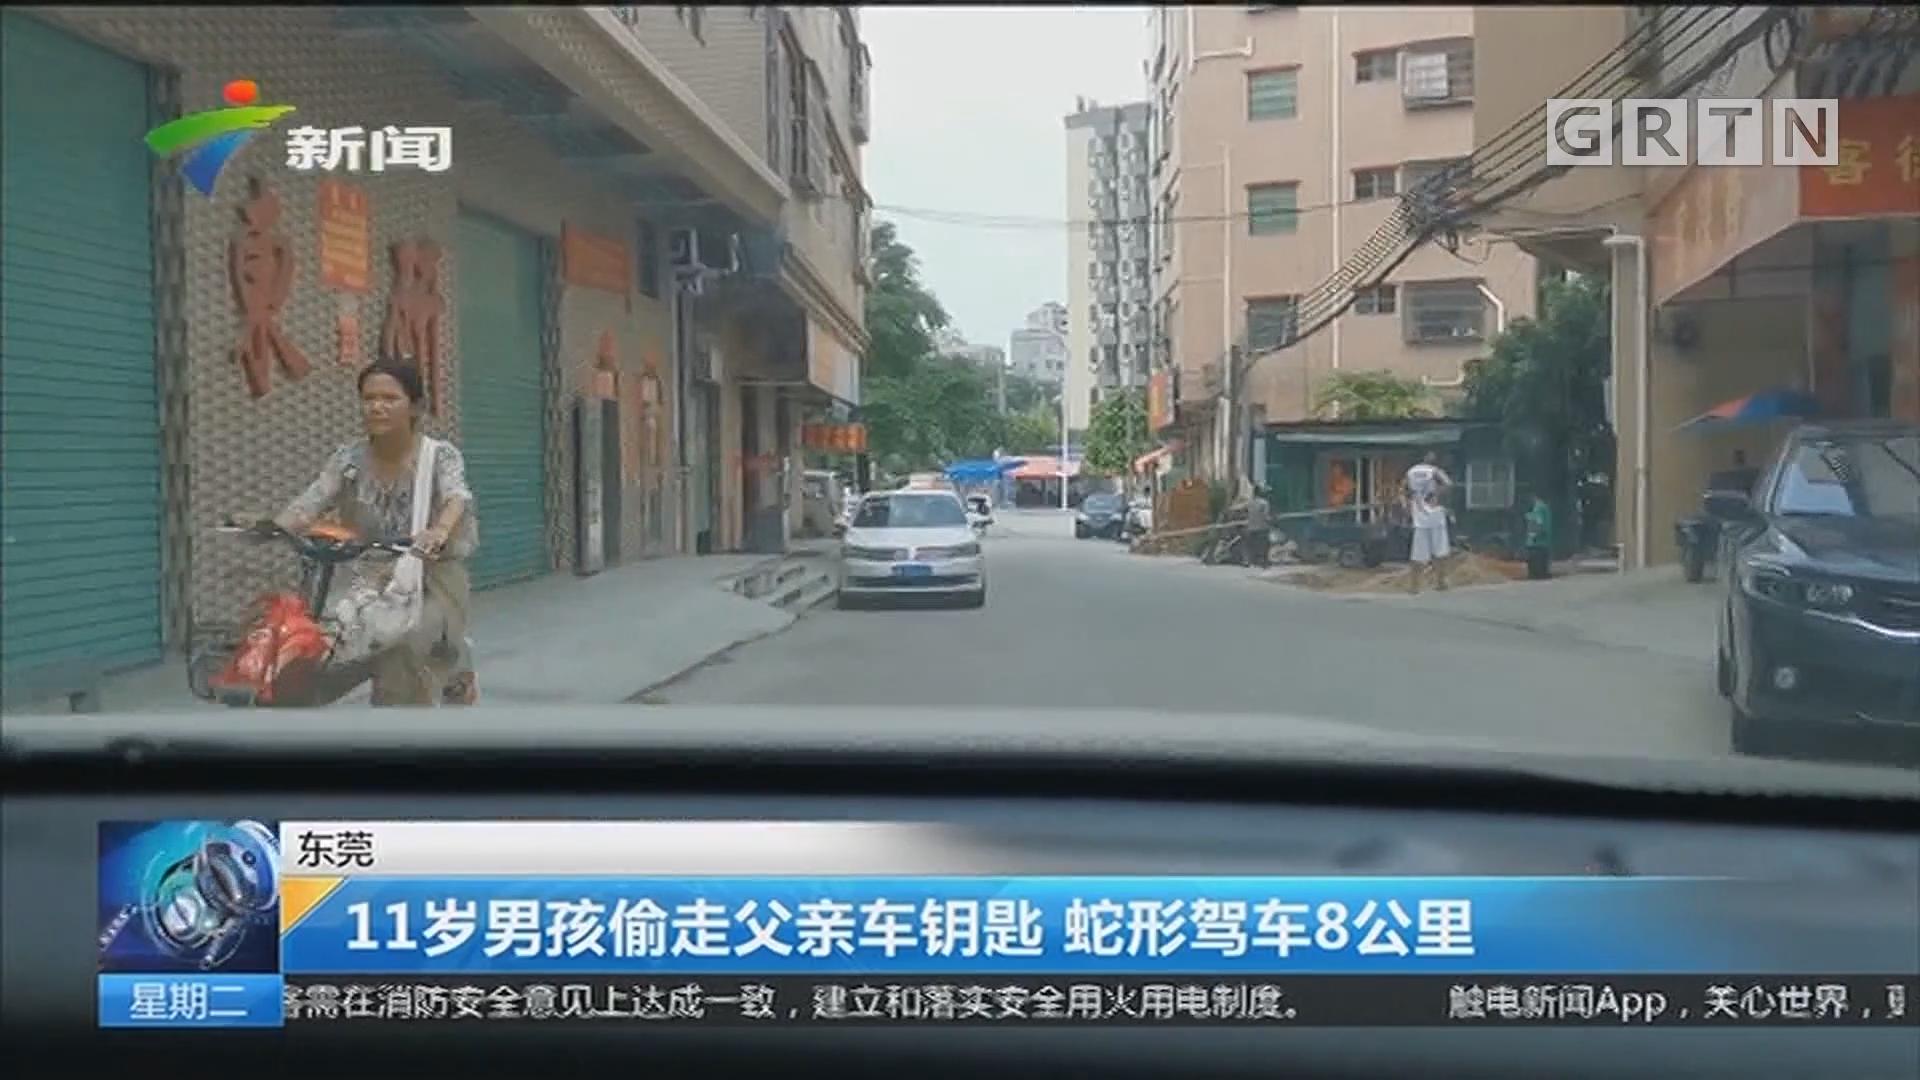 东莞:11岁男孩偷走父亲车钥匙 蛇形驾车8公里